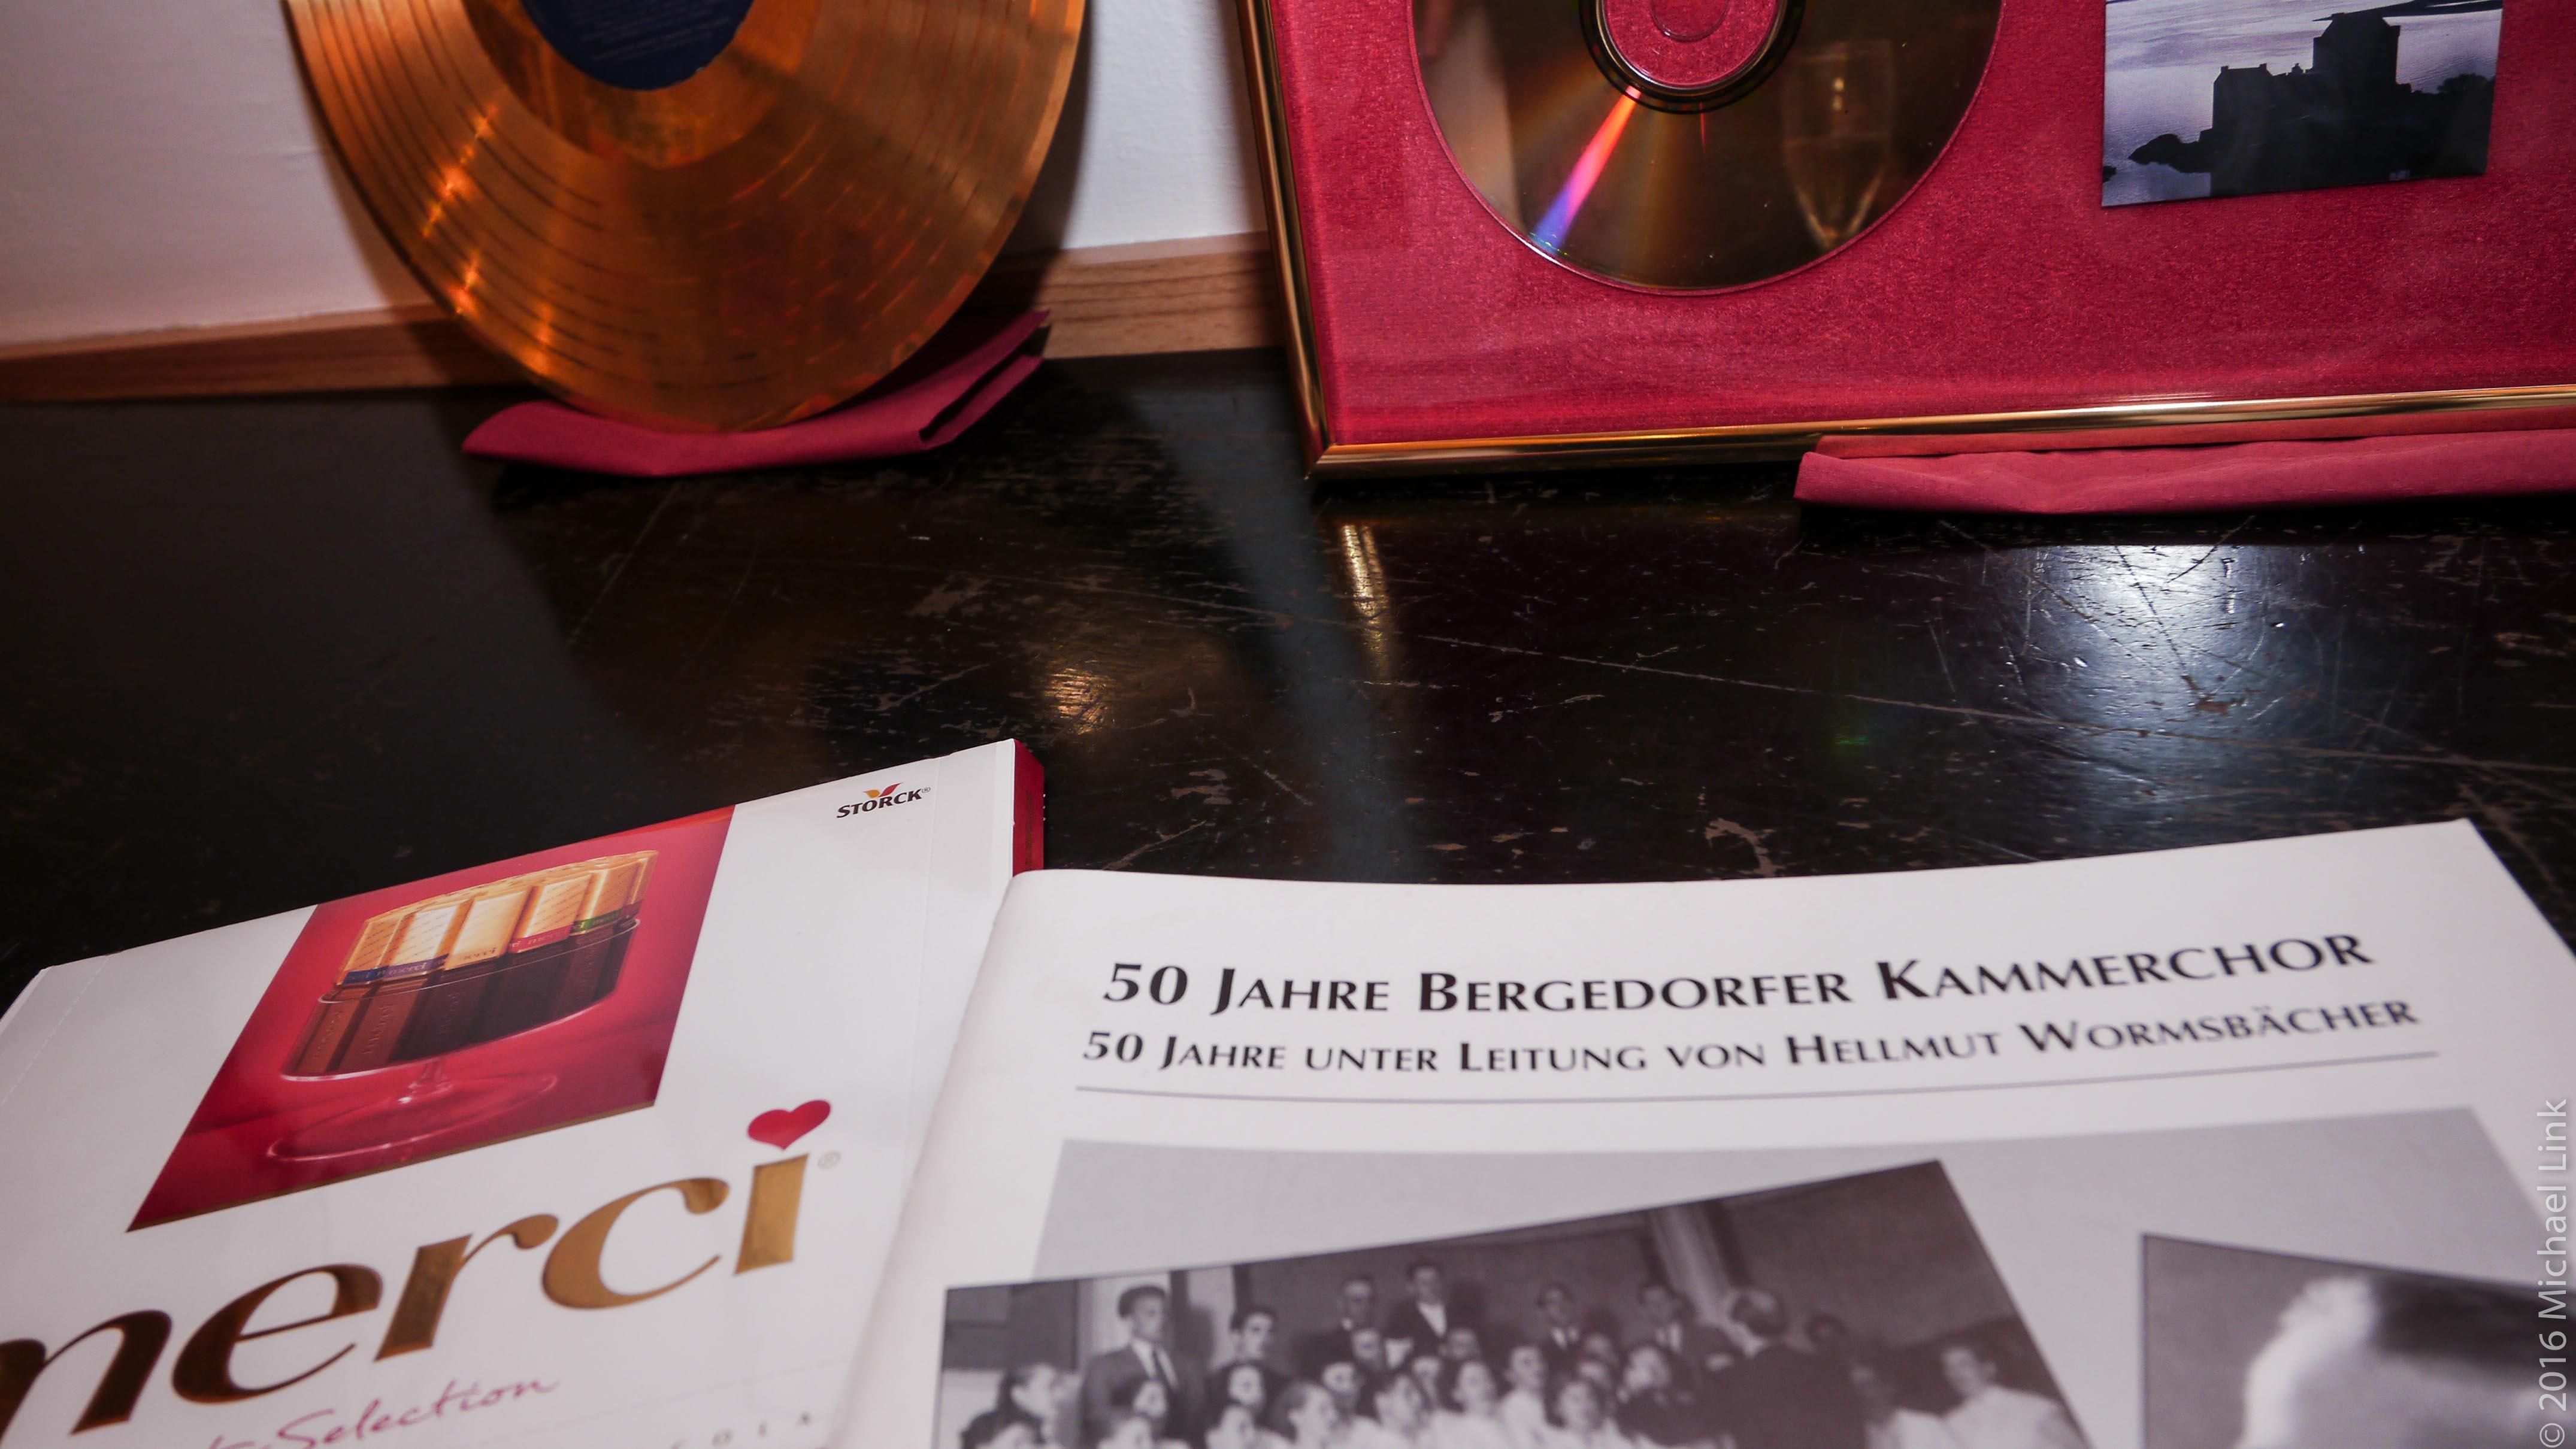 70 Jahre Bergedorfer Kammerchor-25